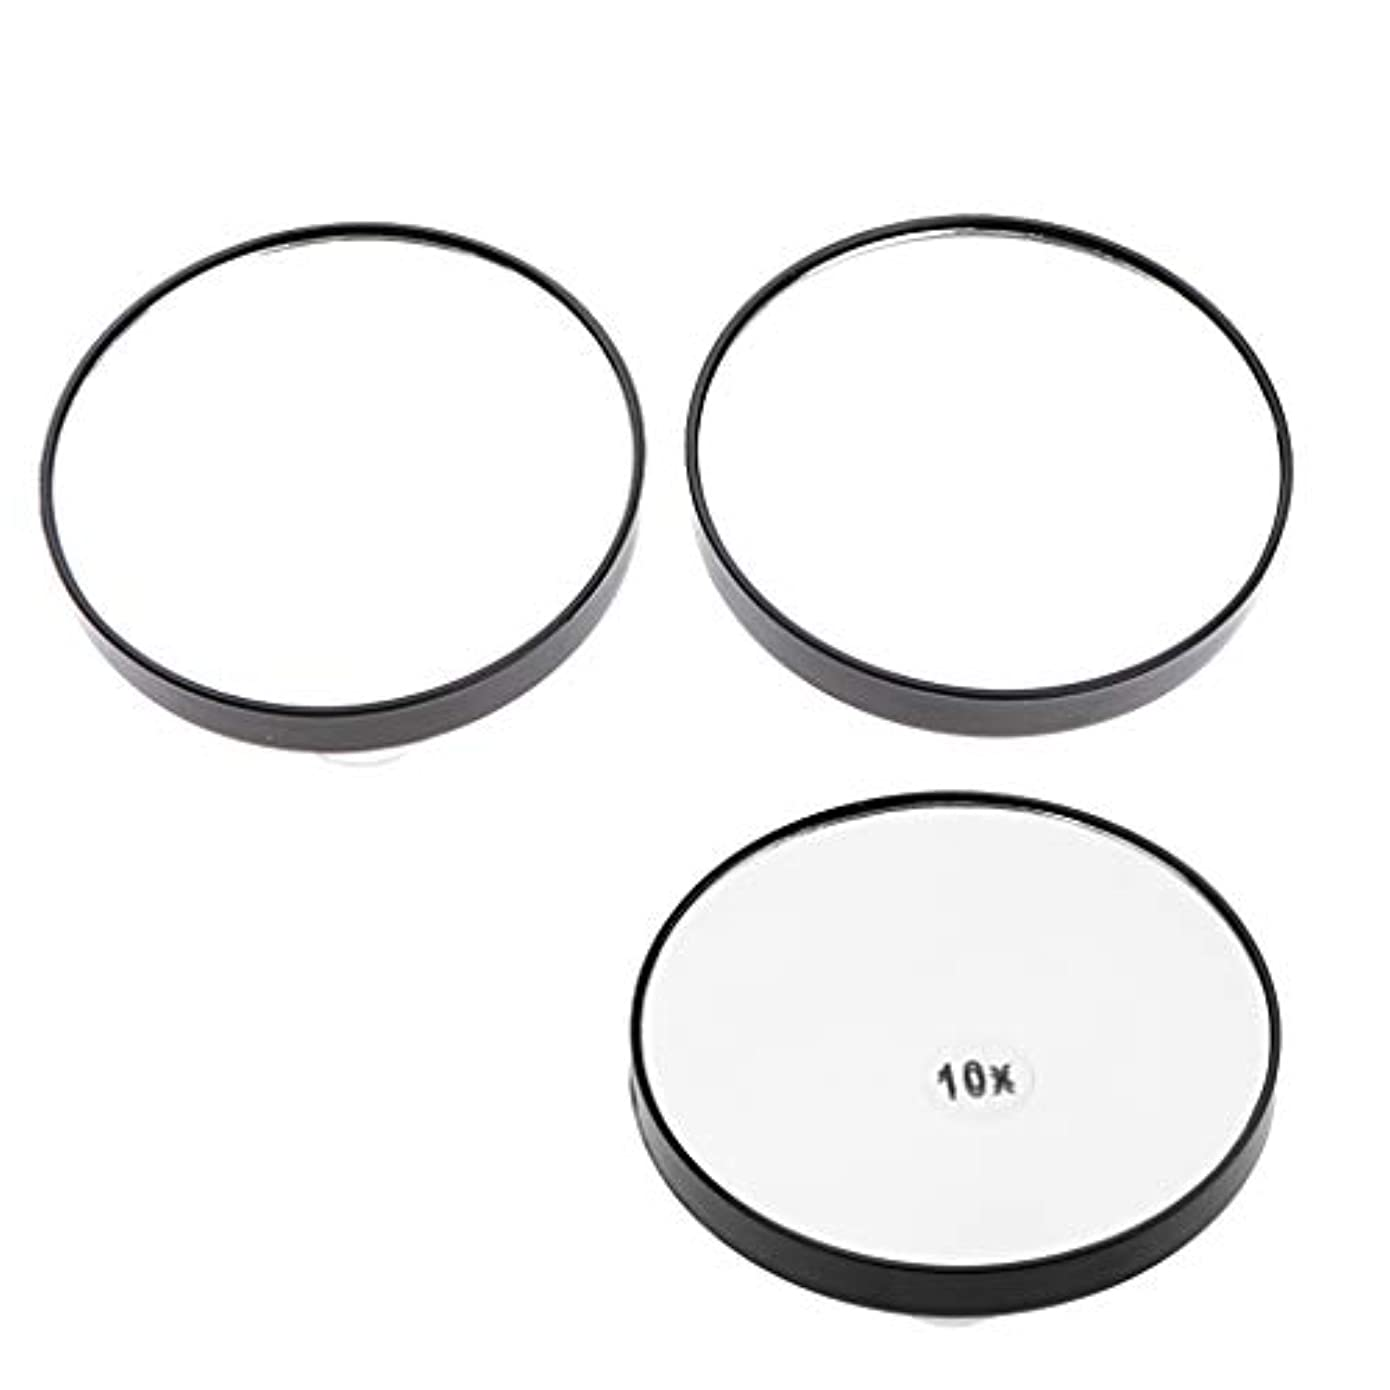 イースターバケツレタッチメイクミラー 化粧鏡 吸盤付き 浴室化粧鏡 5倍/ 10倍拡大